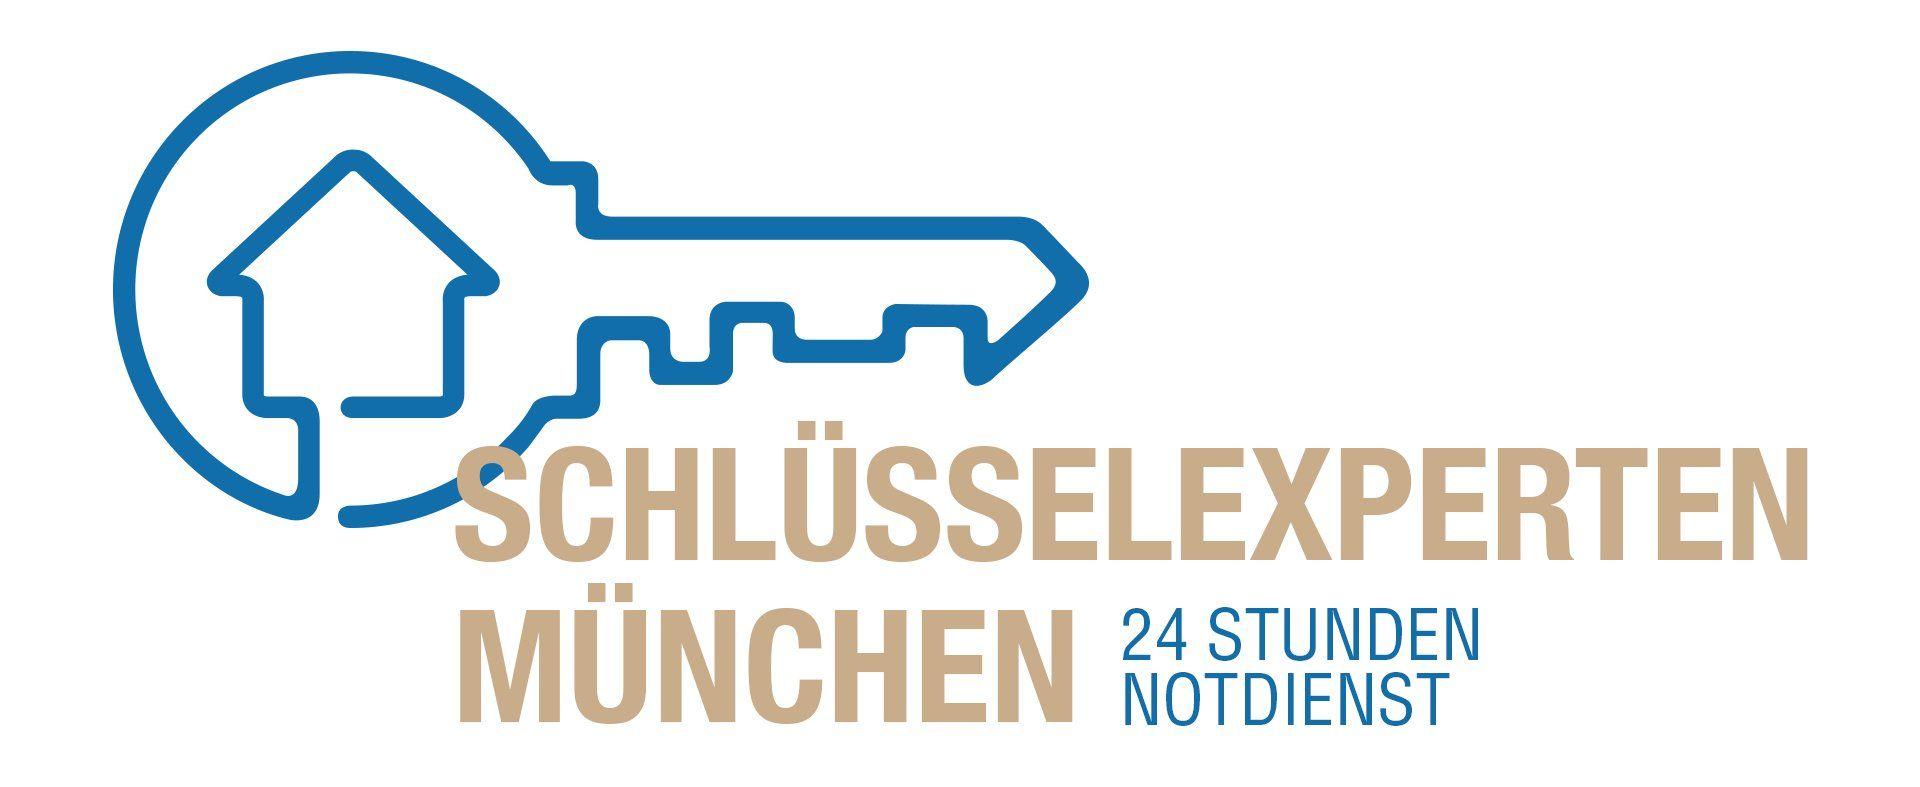 Logo Von Schlusselexperten In Munchen Notdienst Schlusseldienst Luzern